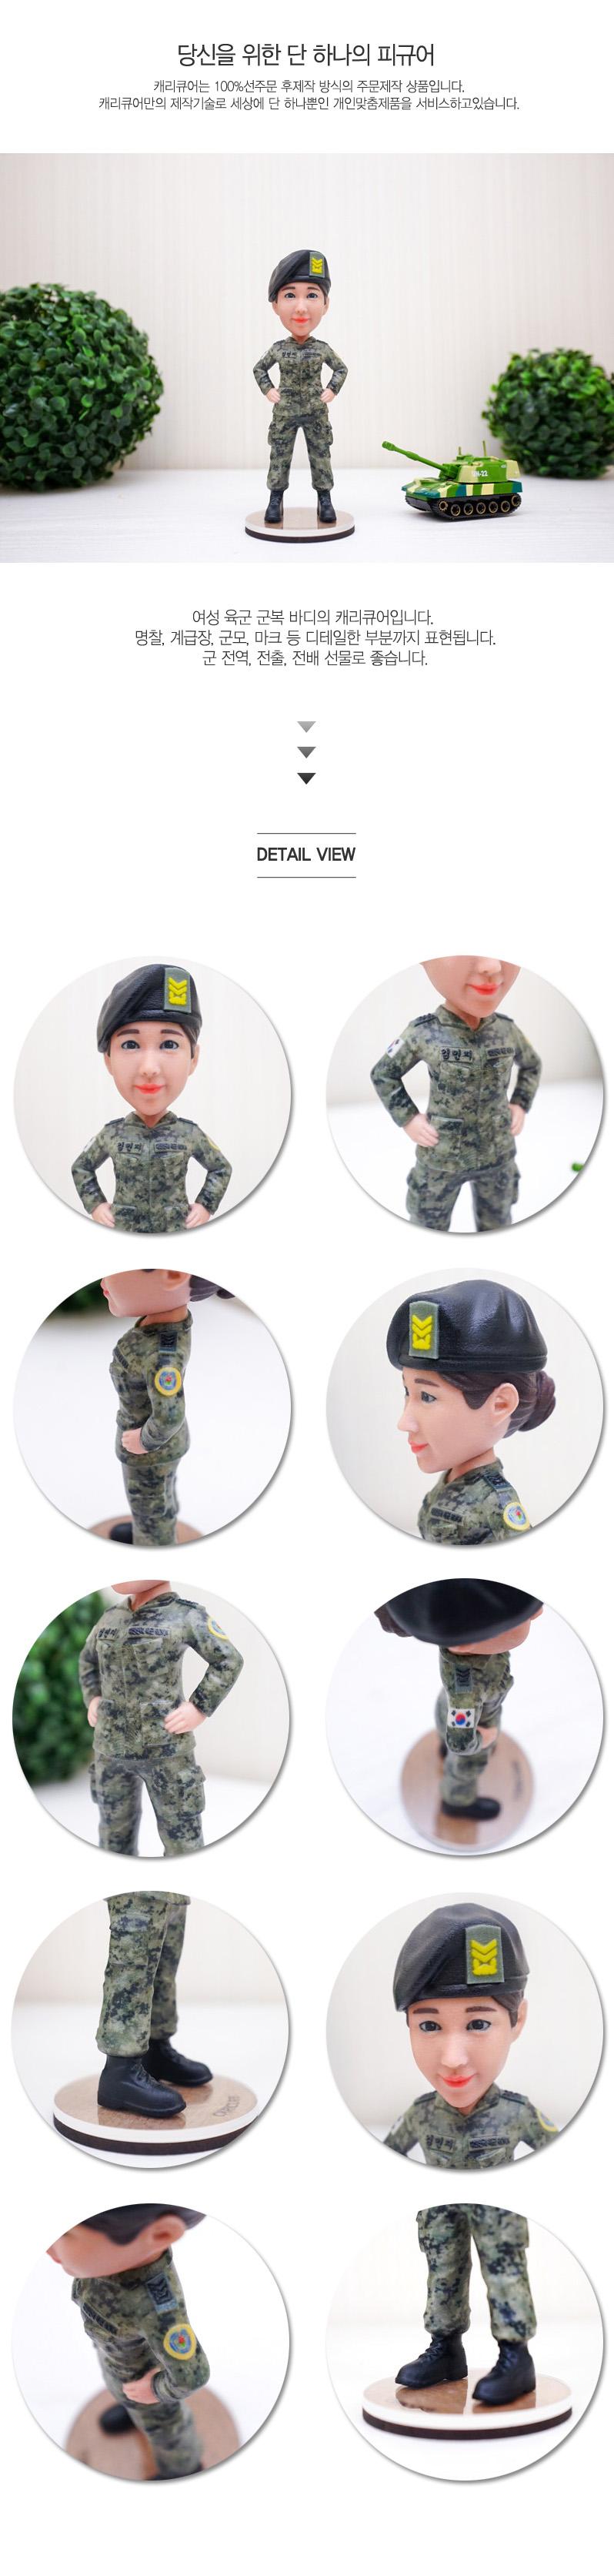 army_w_photo